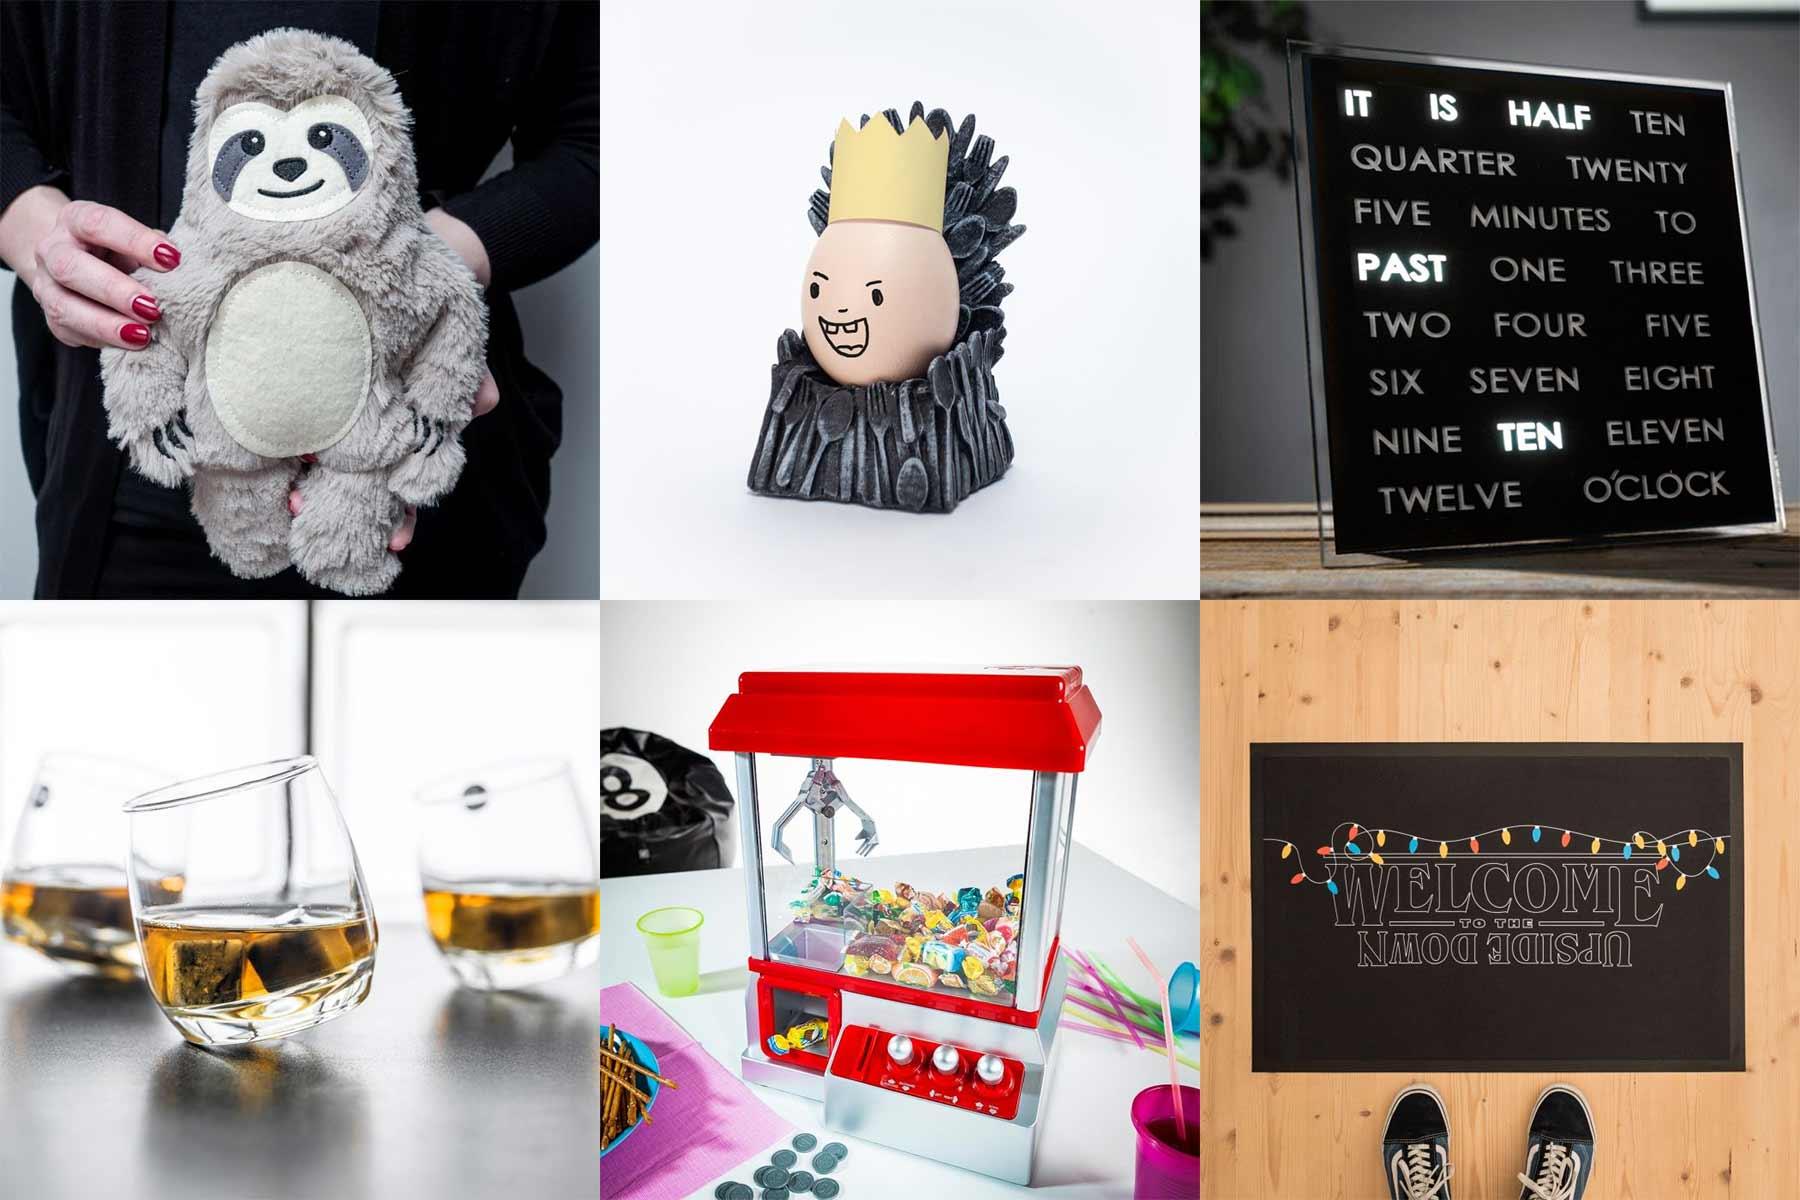 Weihnachtsgeschenke-Guide 2019: Originelle Sachen bei radbag radbag-geschenkideen-guide-weihnachten-2019_01